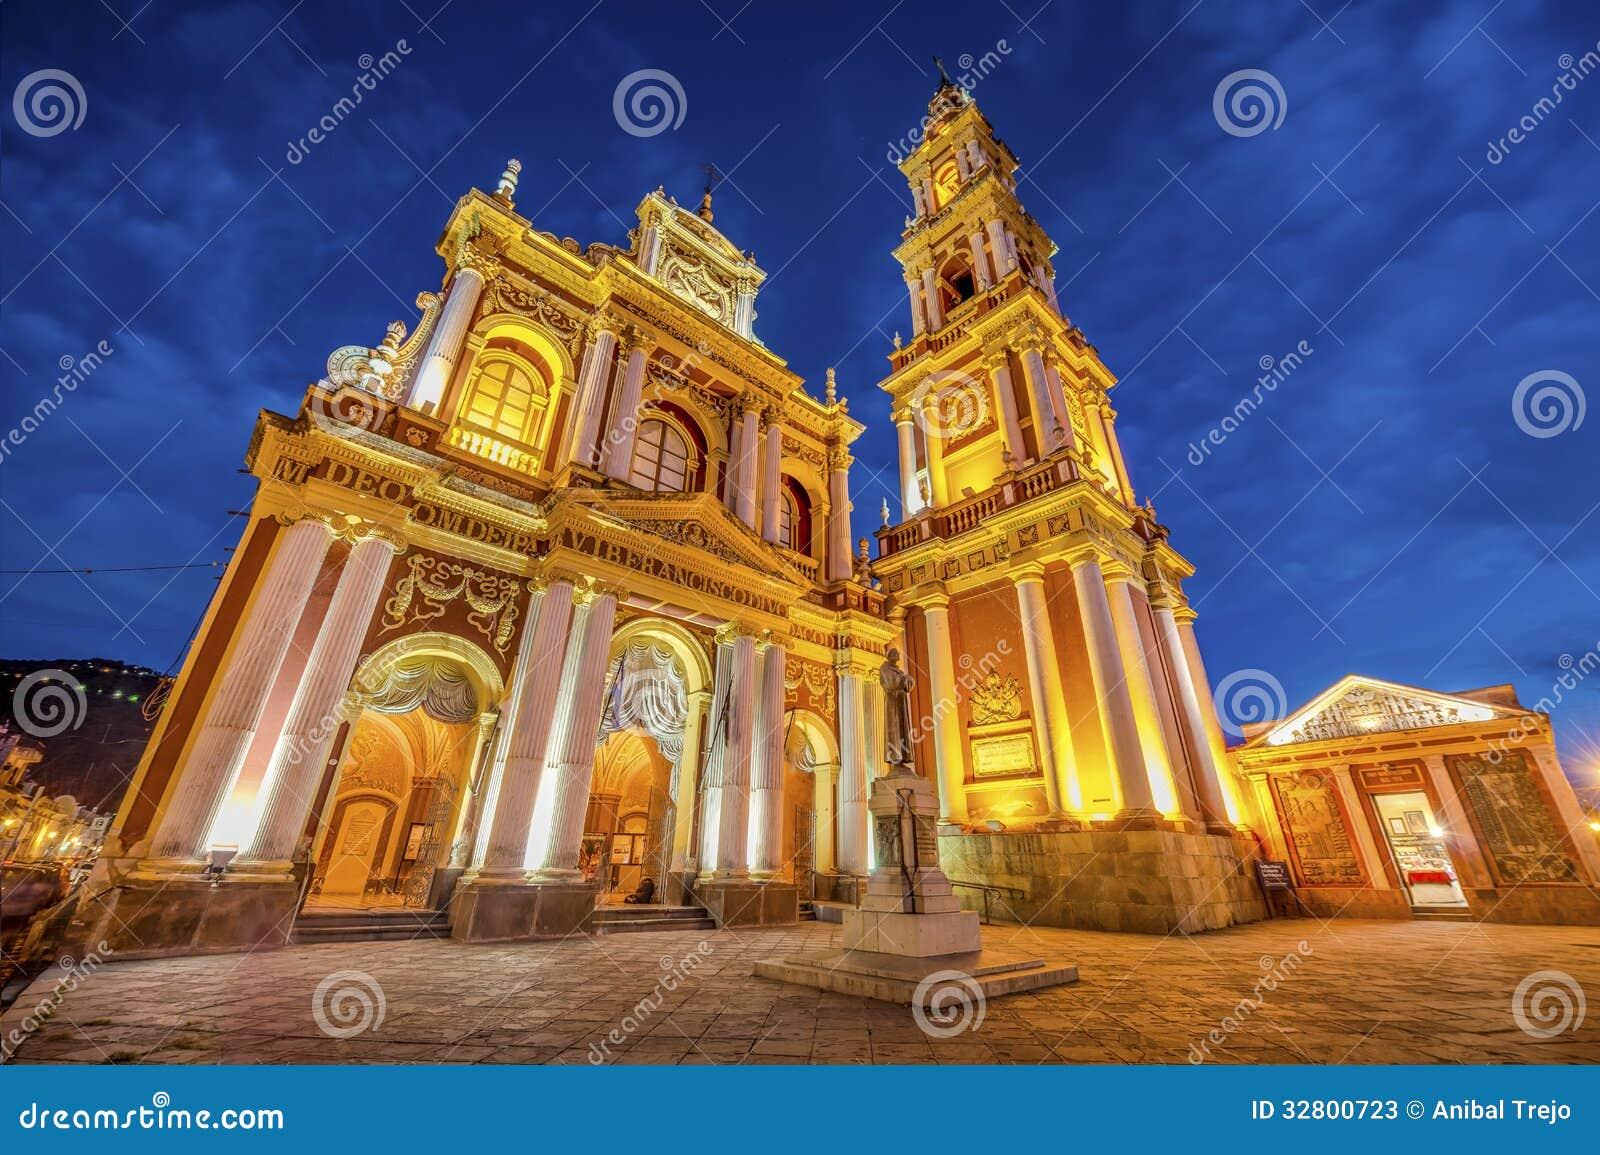 San Francisco in de stad van Salta, Argentinië